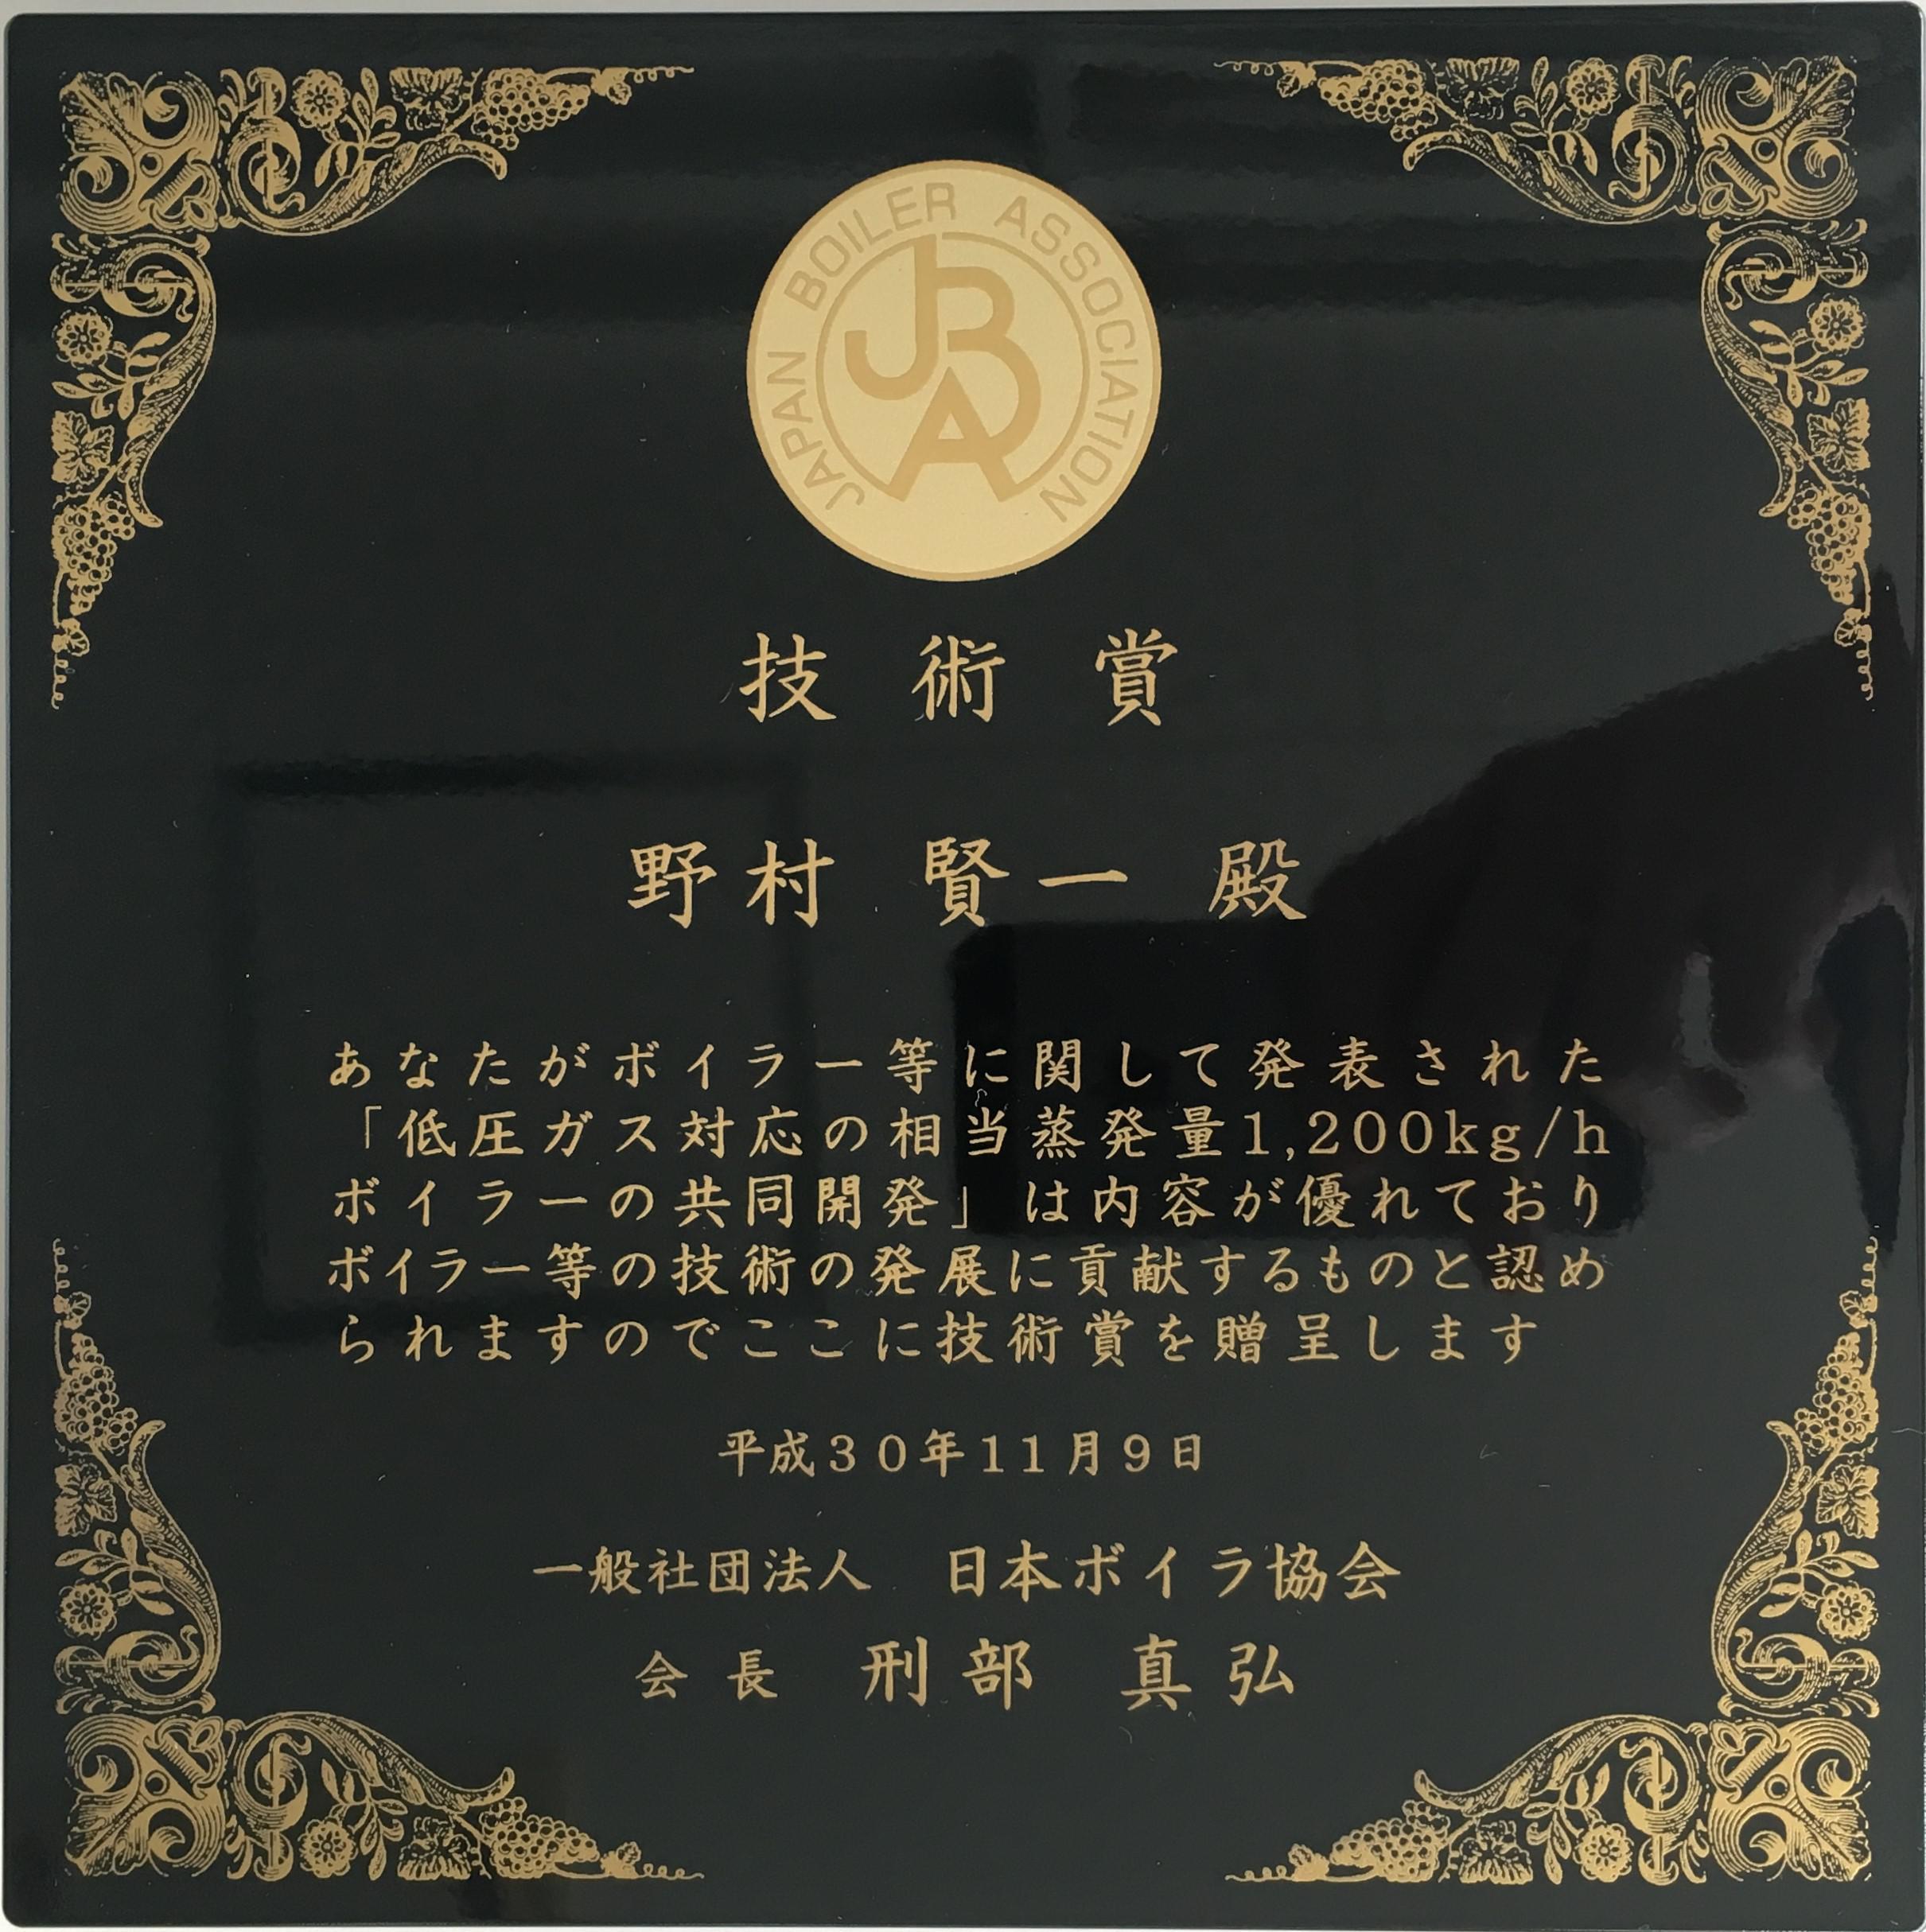 http://www.miuraz.co.jp/info/information/eae703467dd9802812c14ec06ebc8508d29ce7bf.jpg